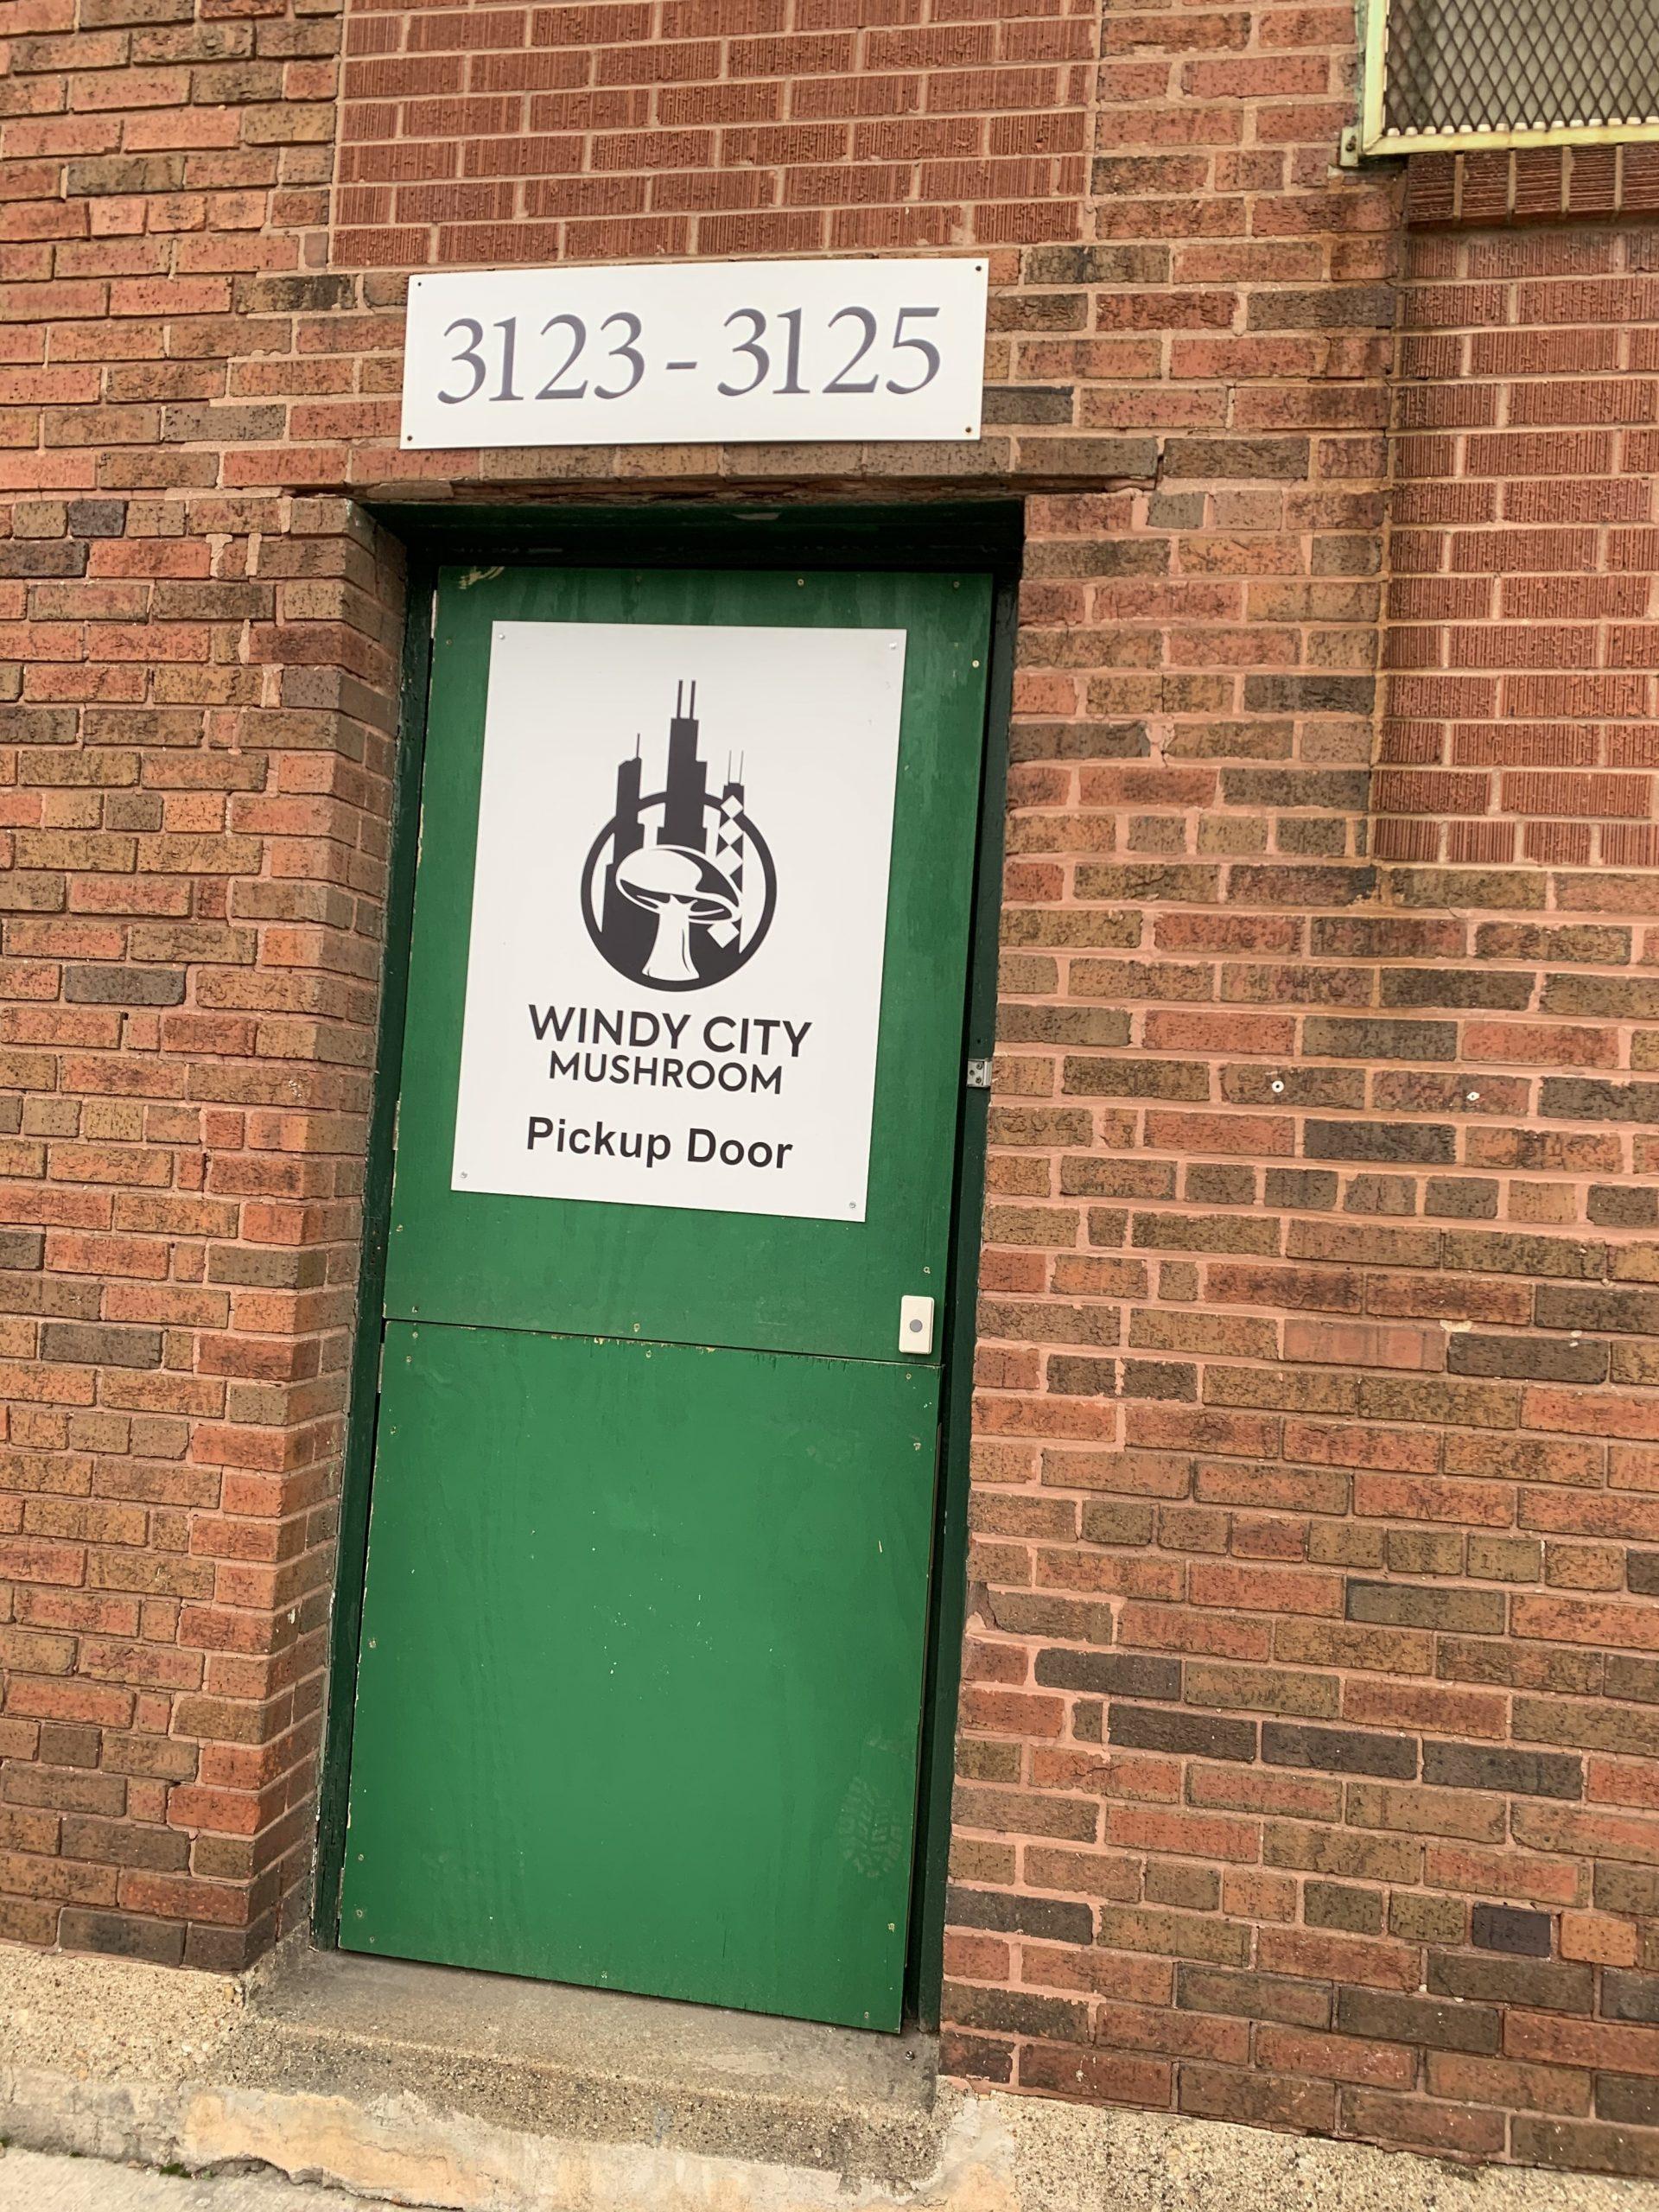 Windy City Mushroom